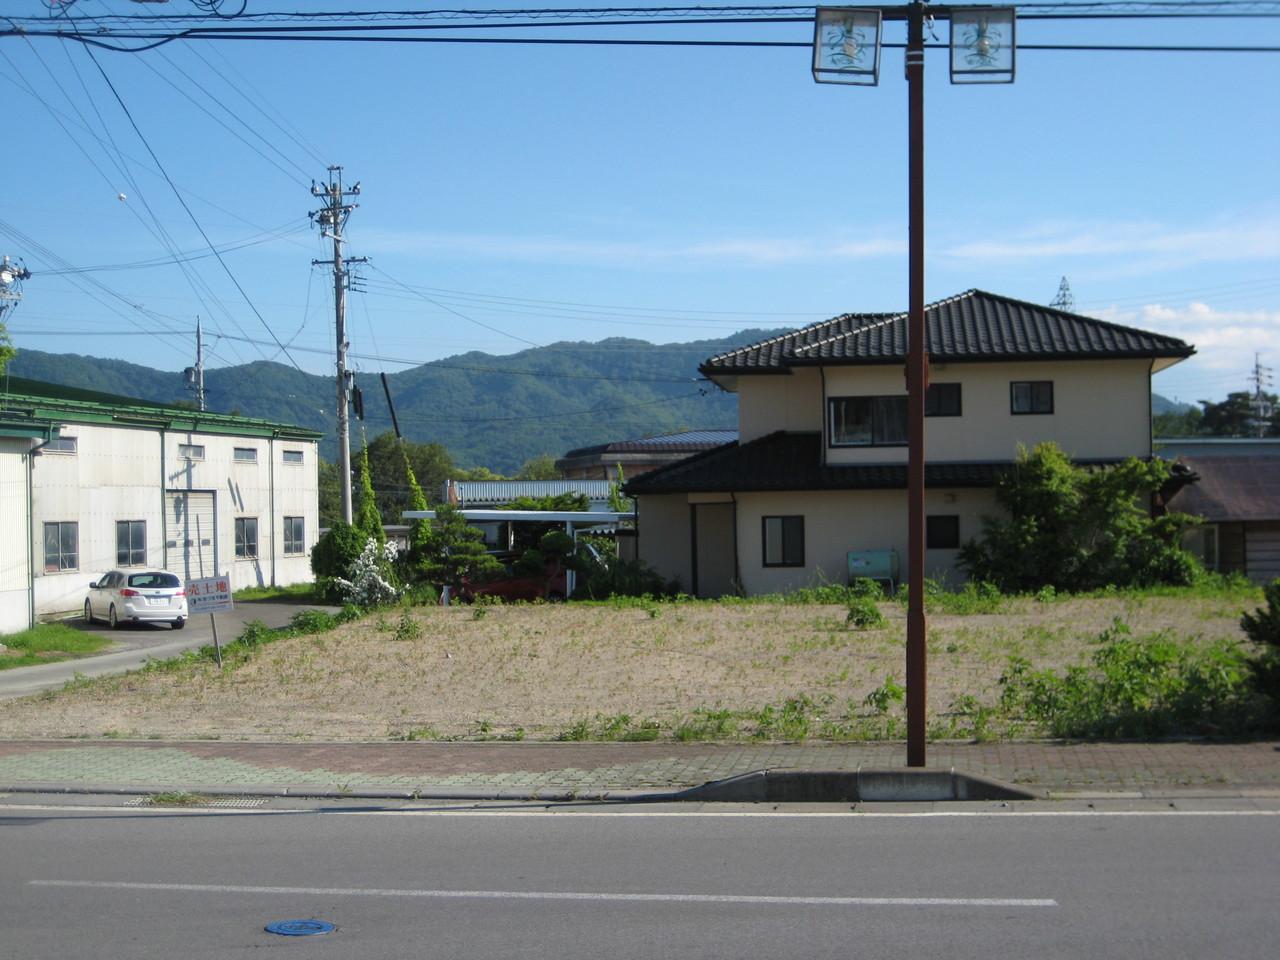 過去取扱物件写真⑩ 長野県 佐久市 あづま不動産 田舎暮らし